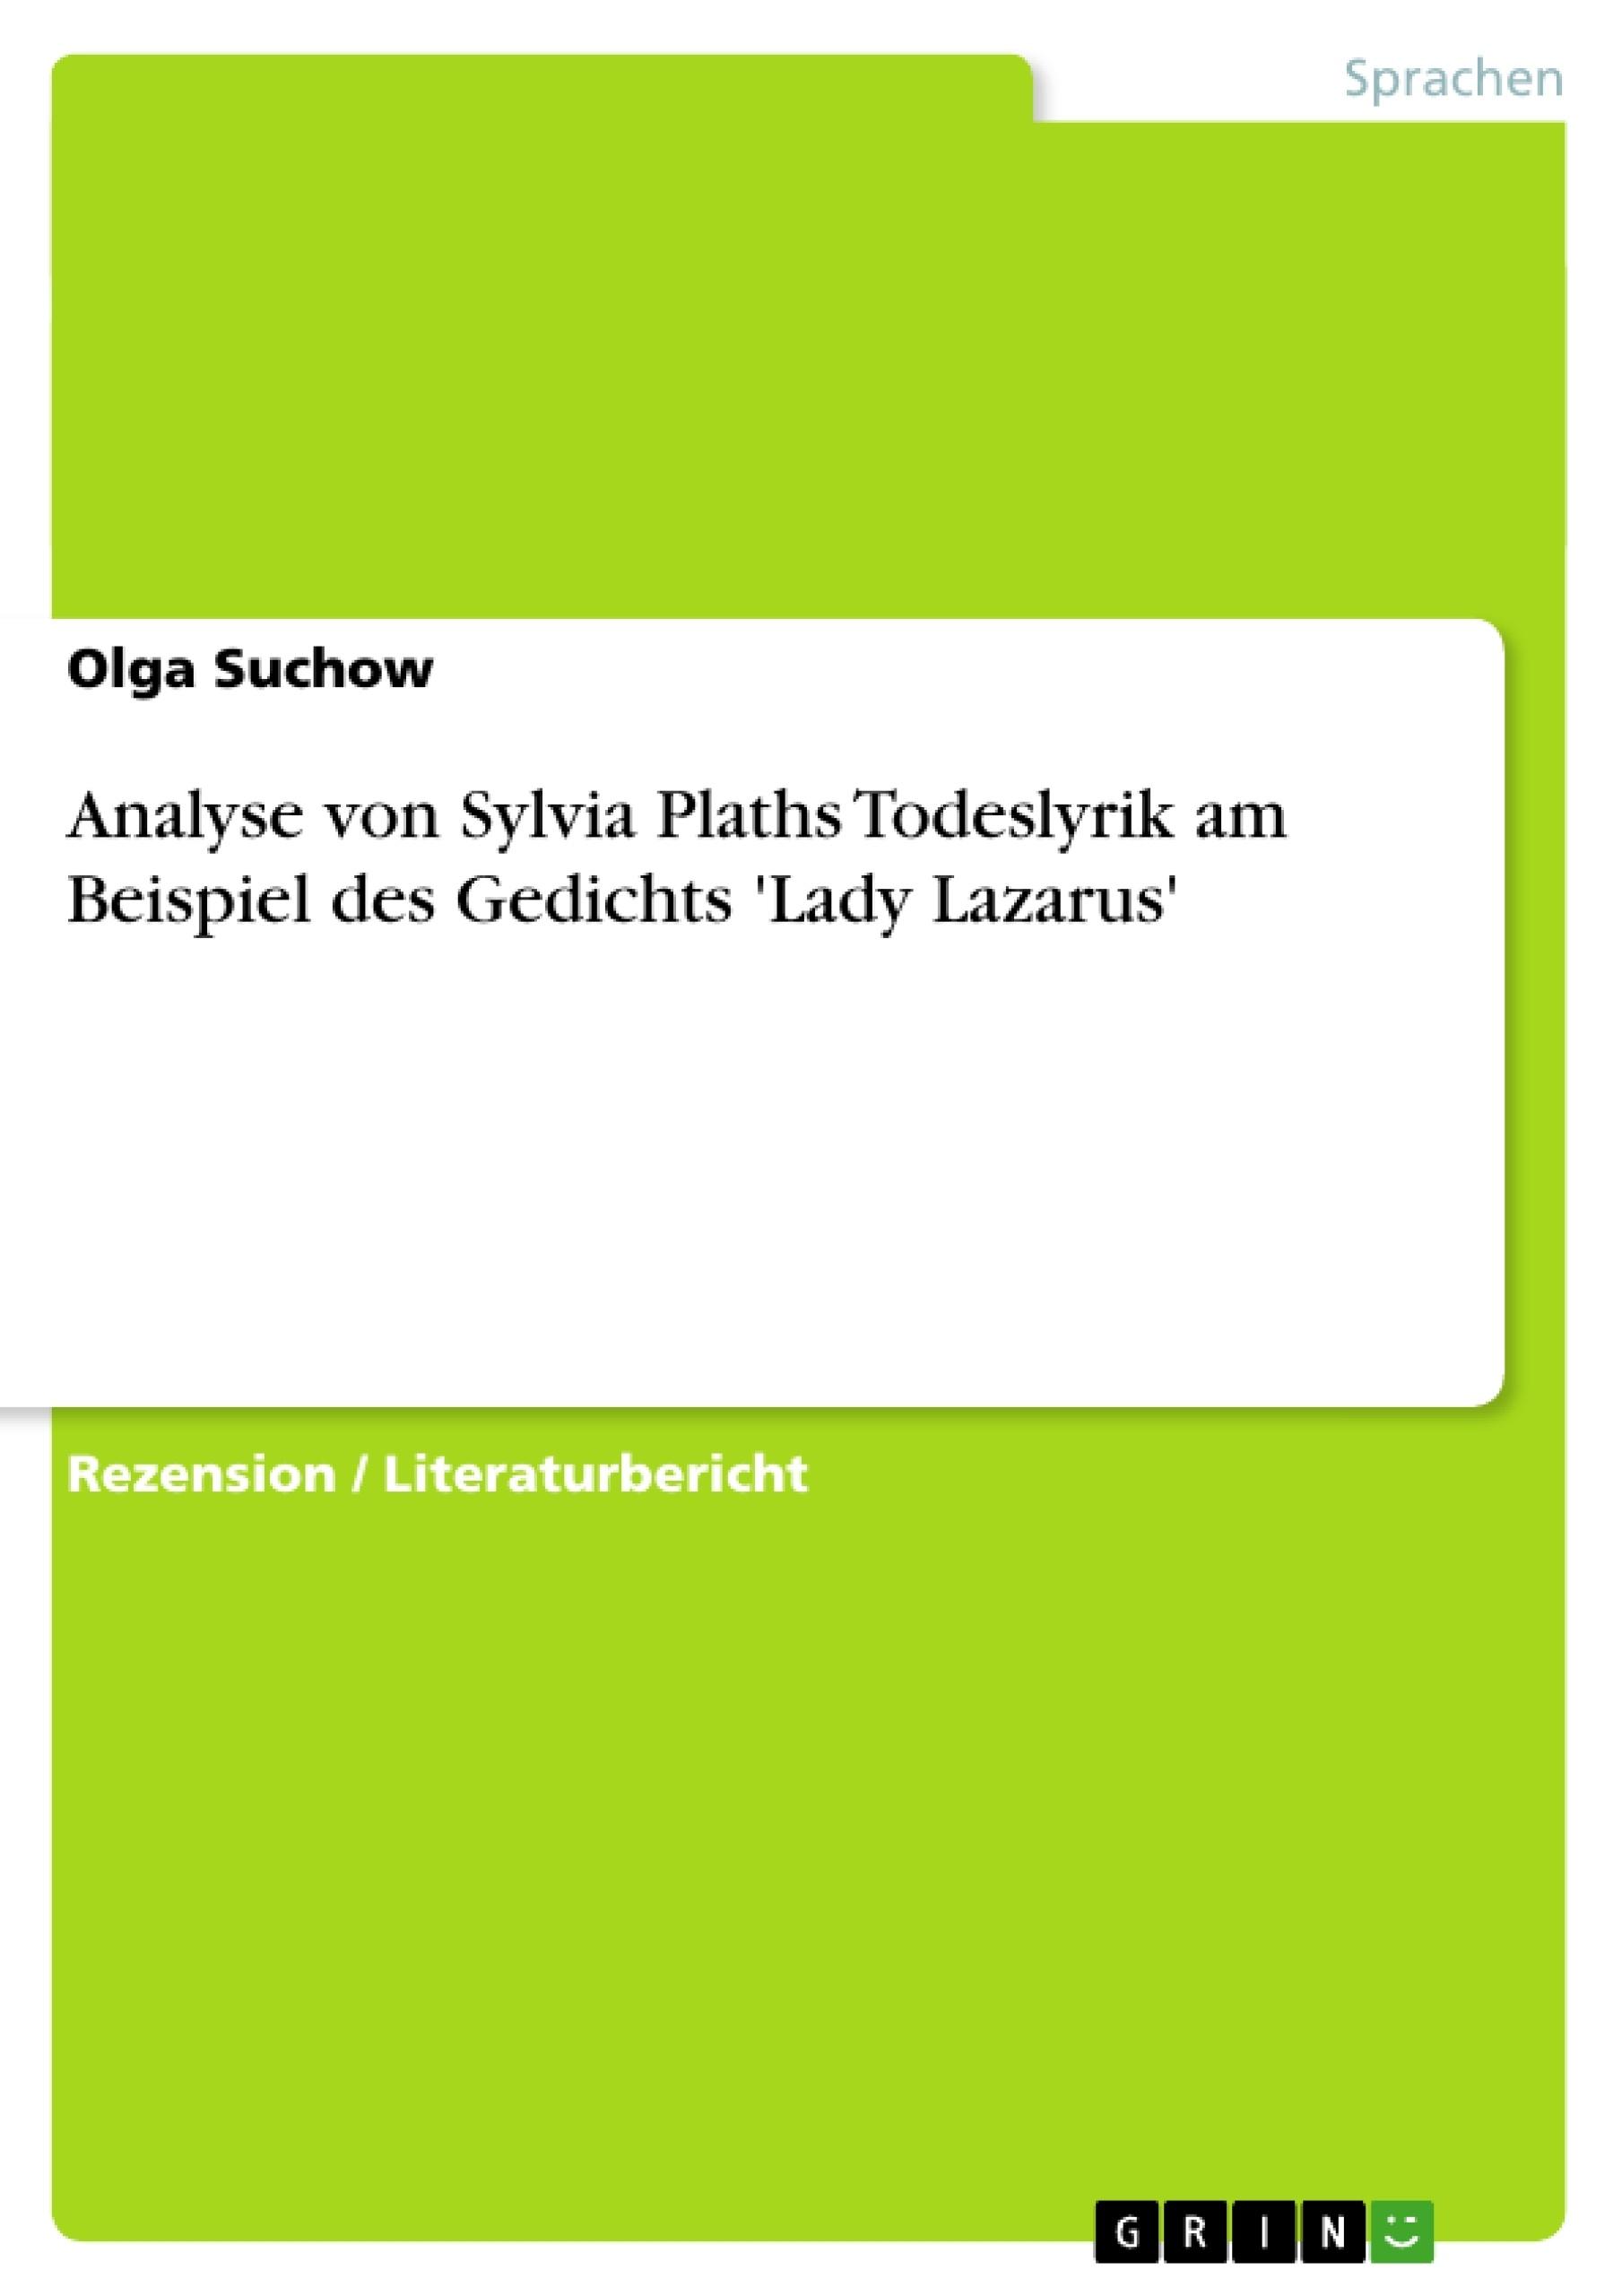 Titel: Analyse von Sylvia Plaths Todeslyrik am Beispiel des Gedichts 'Lady Lazarus'